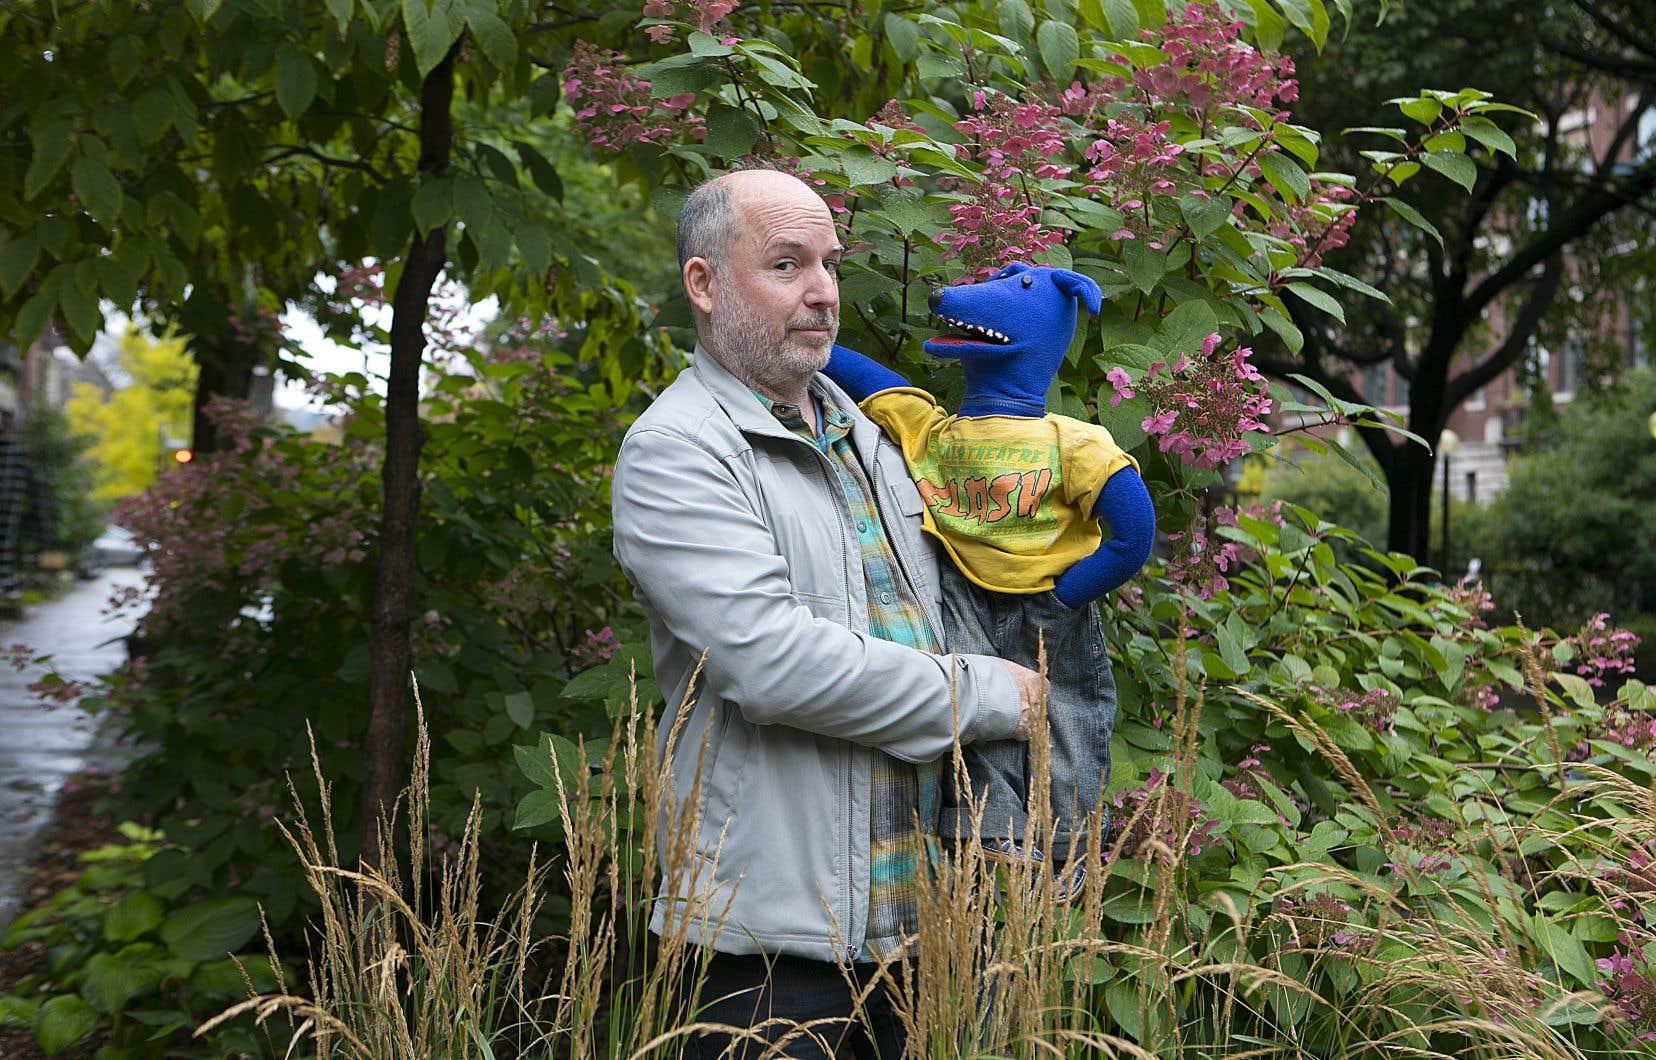 Antoine Laprise est l'homme derrière la marionnette du Loup bleu, qui s'intéresse à des personnages historiques dans ses spectacles.